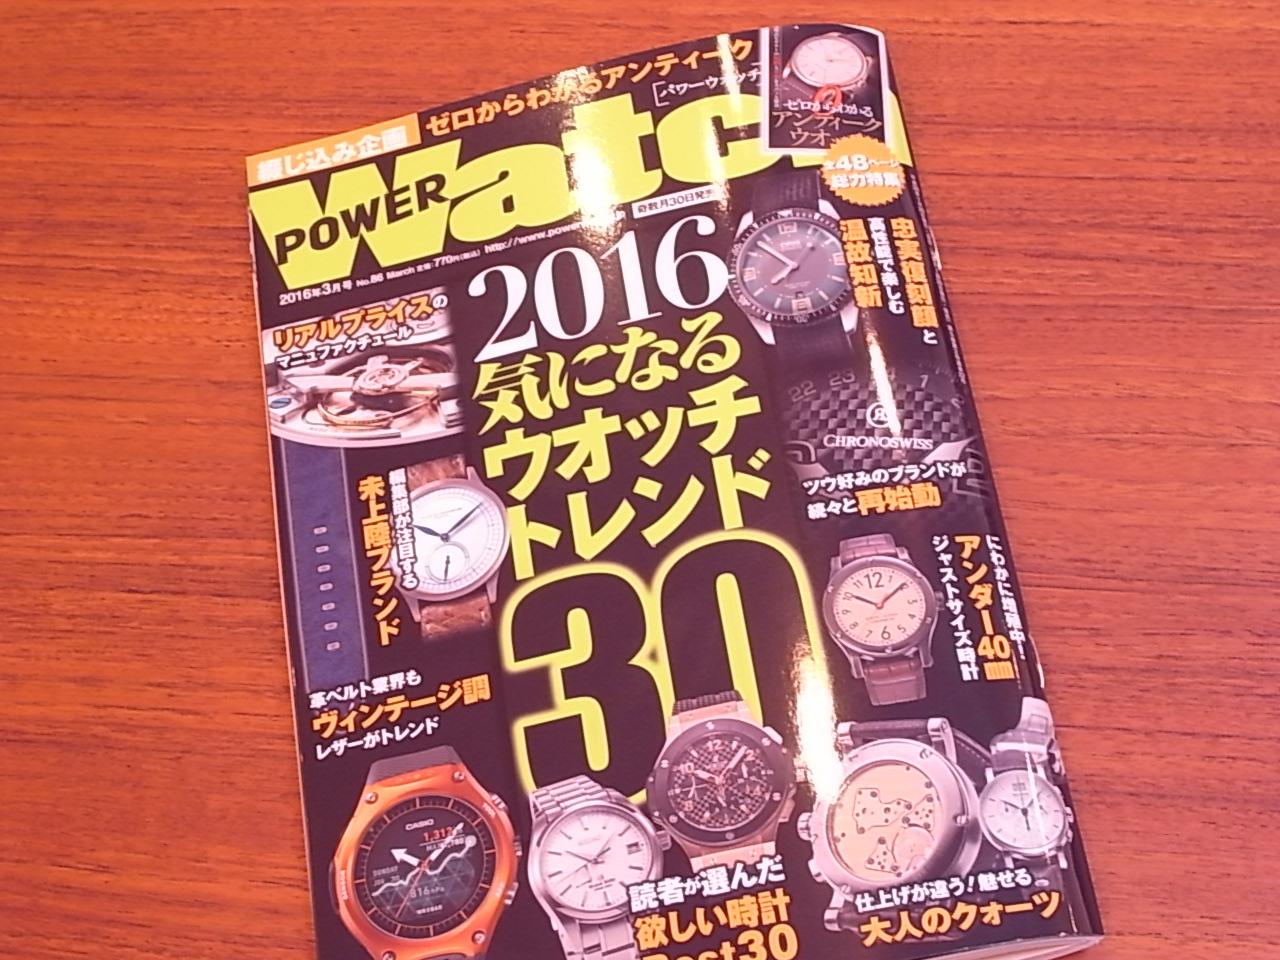 パワーウォッチ 3月号発売 当店の商品も掲載されています